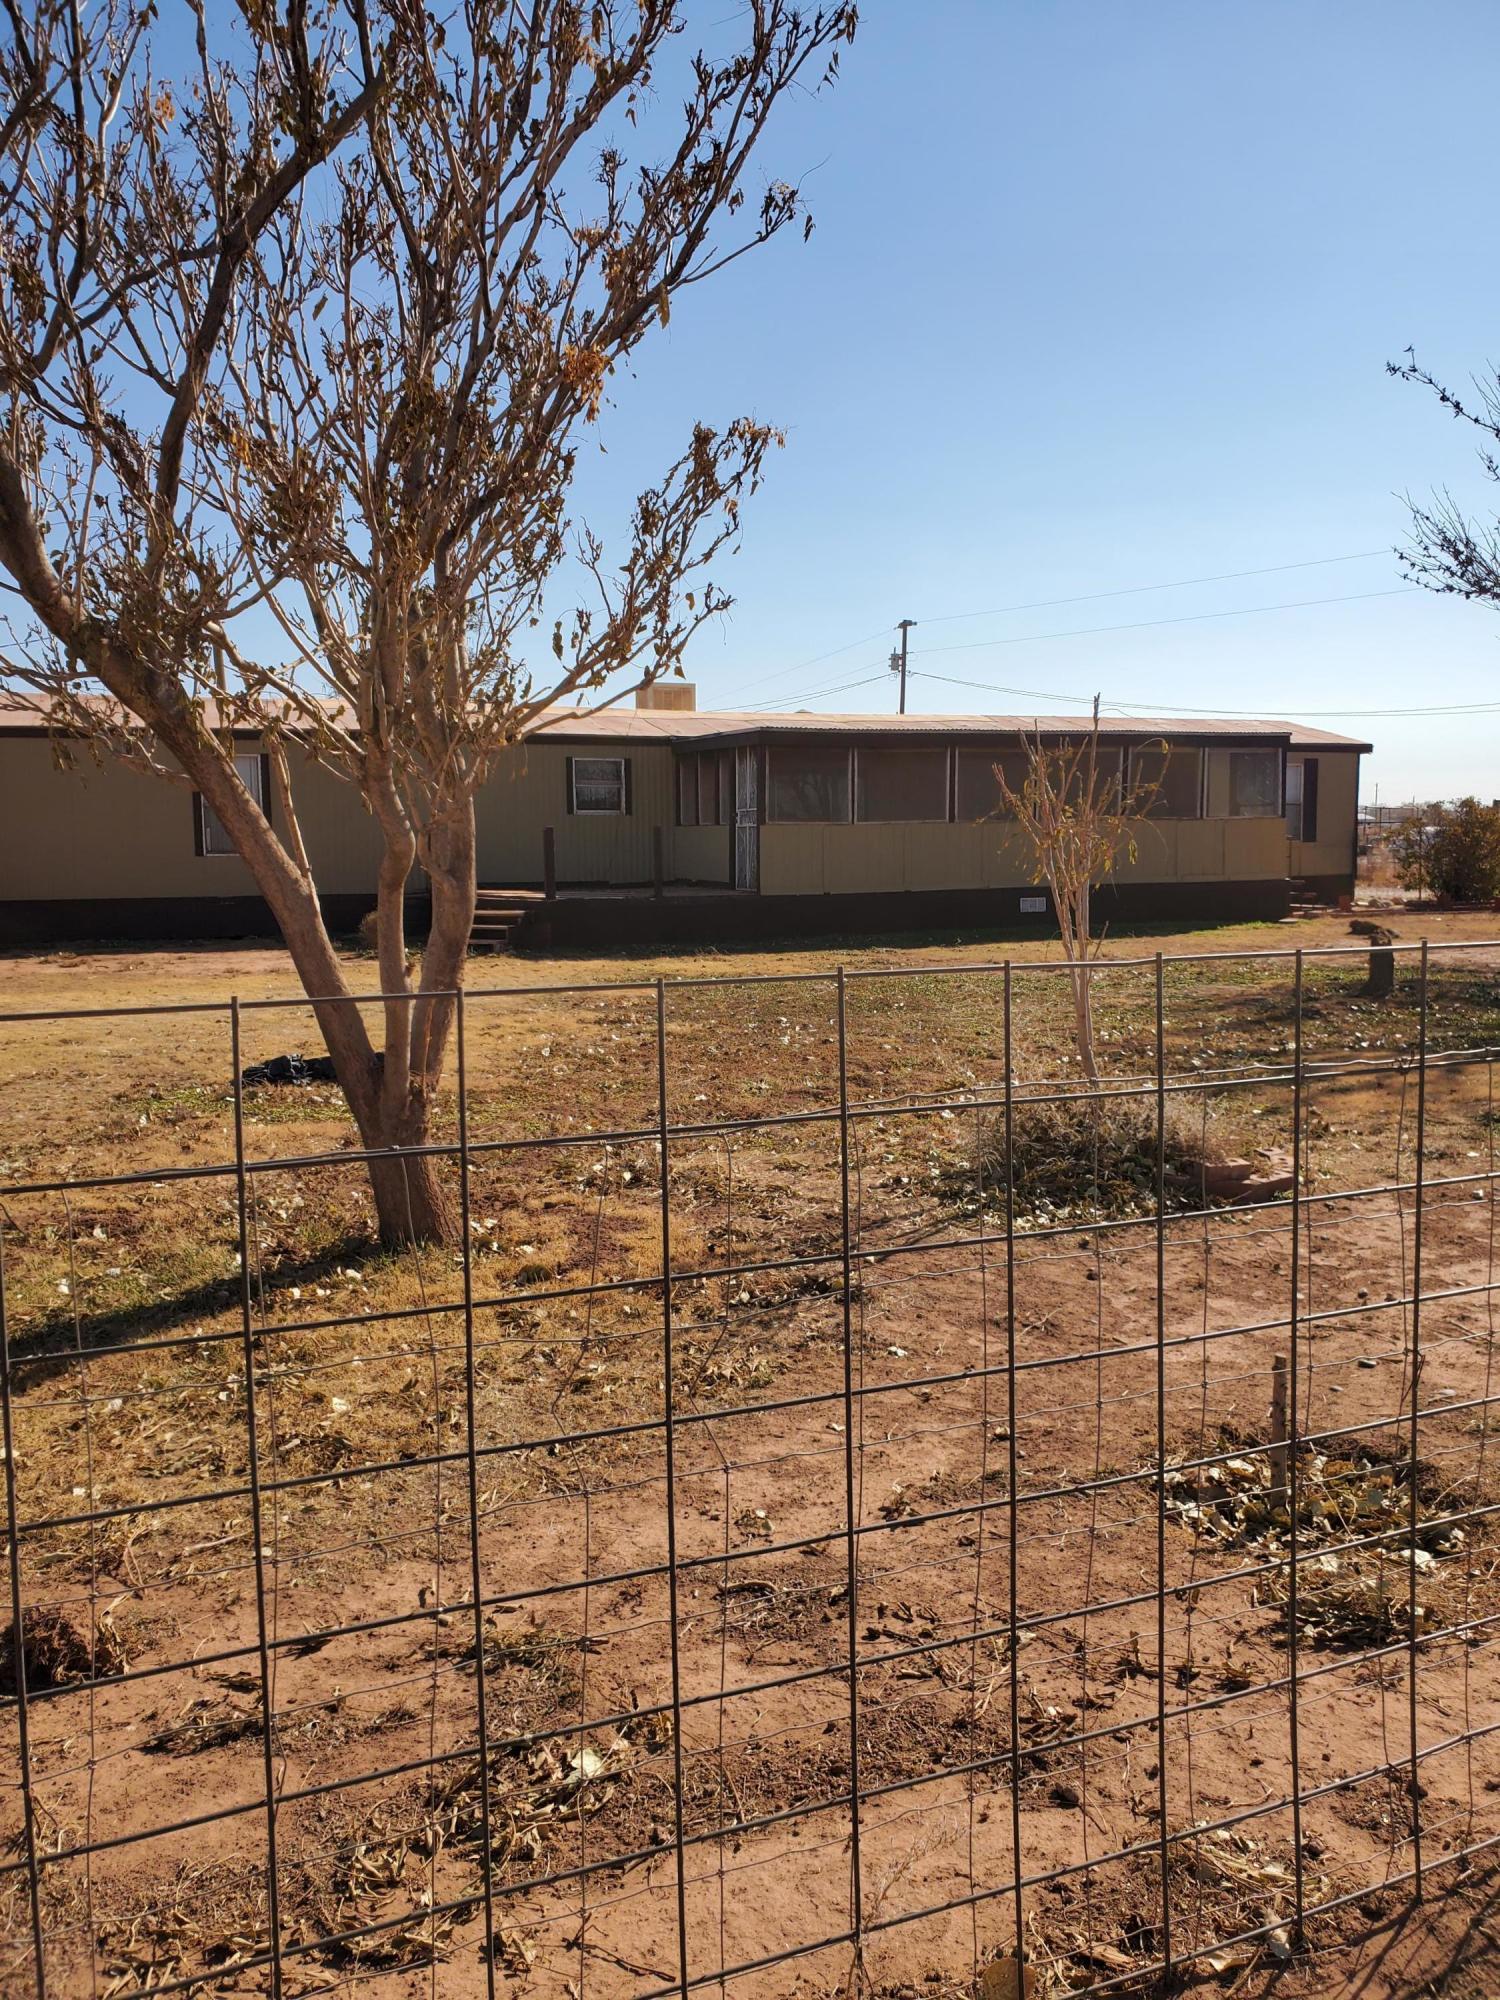 ABO LOOP WEST #10 Loop Property Photo - Veguita, NM real estate listing